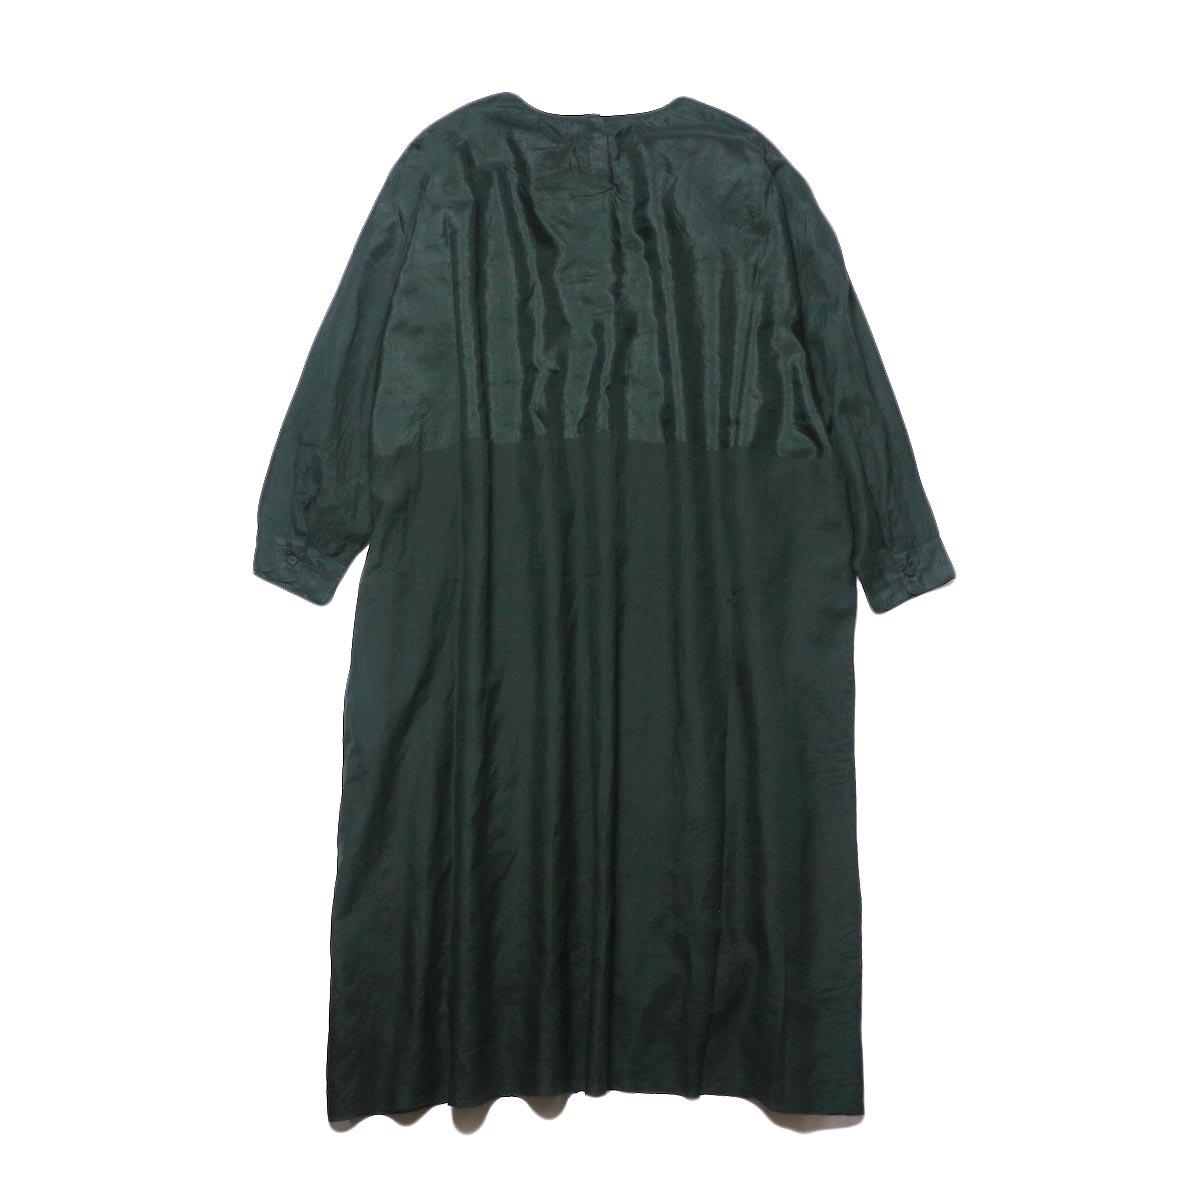 maison de soil / HAND WOVEN COTTON SILK × SILK PLAIN DROP SHOULDER DRESS (green) 背面